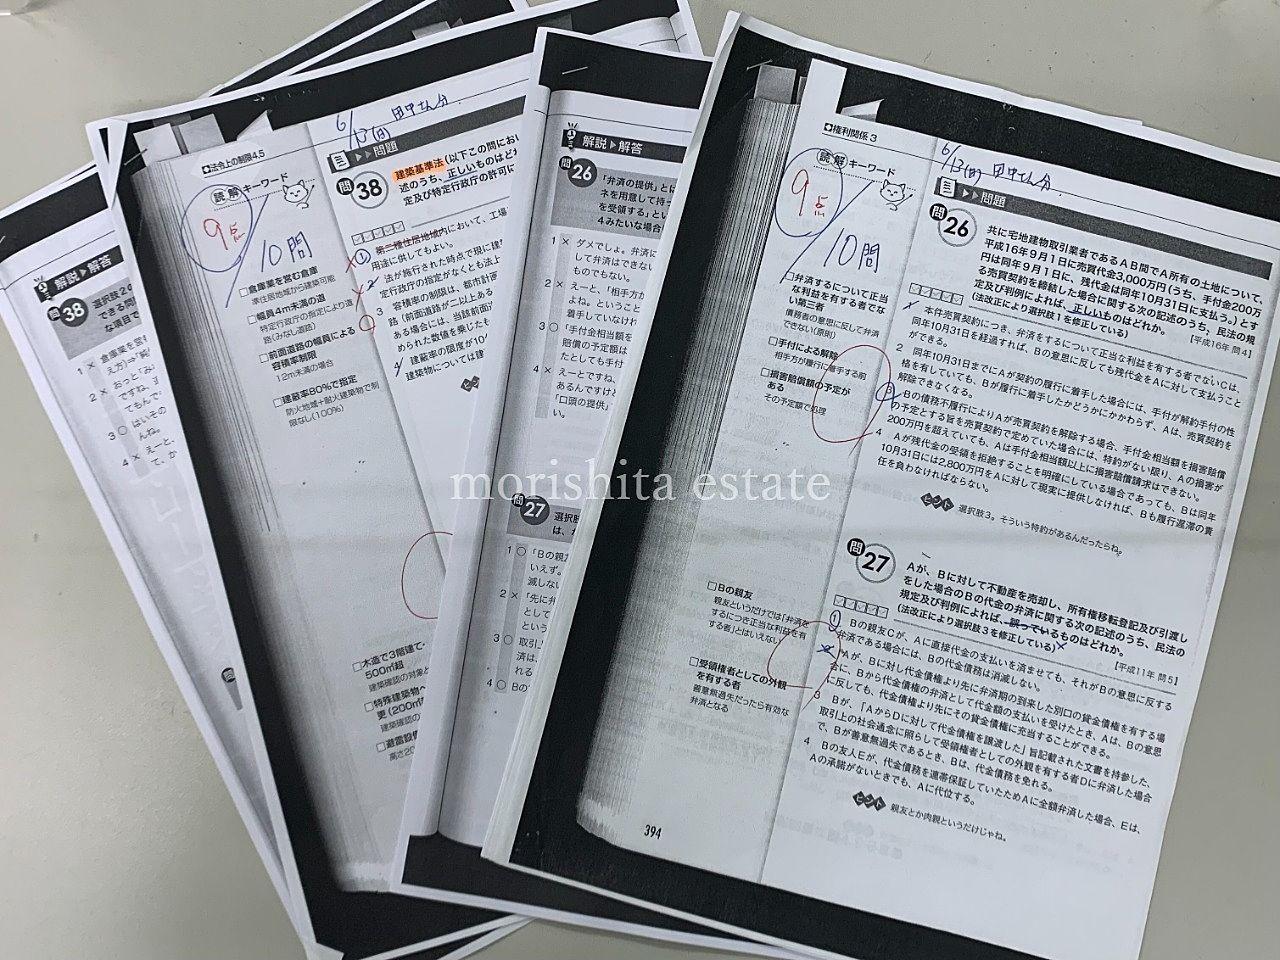 宅建 受験勉強 試験 テキスト 問題集 テスト 写真